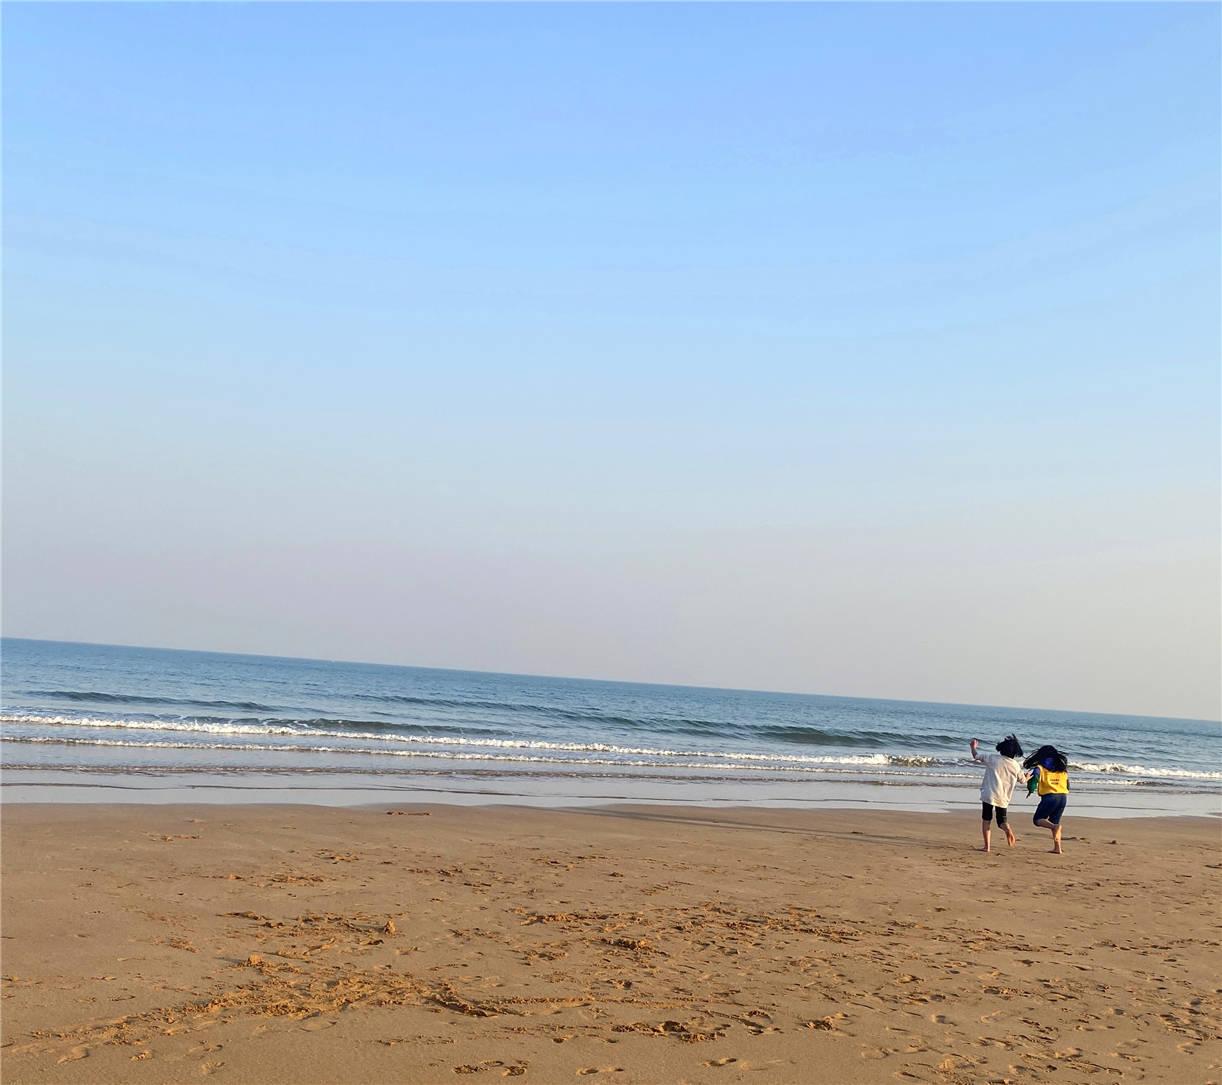 日照旅行住宿吃海鲜游玩攻略,旅途中的需要考虑的基本问题小编都有总结到